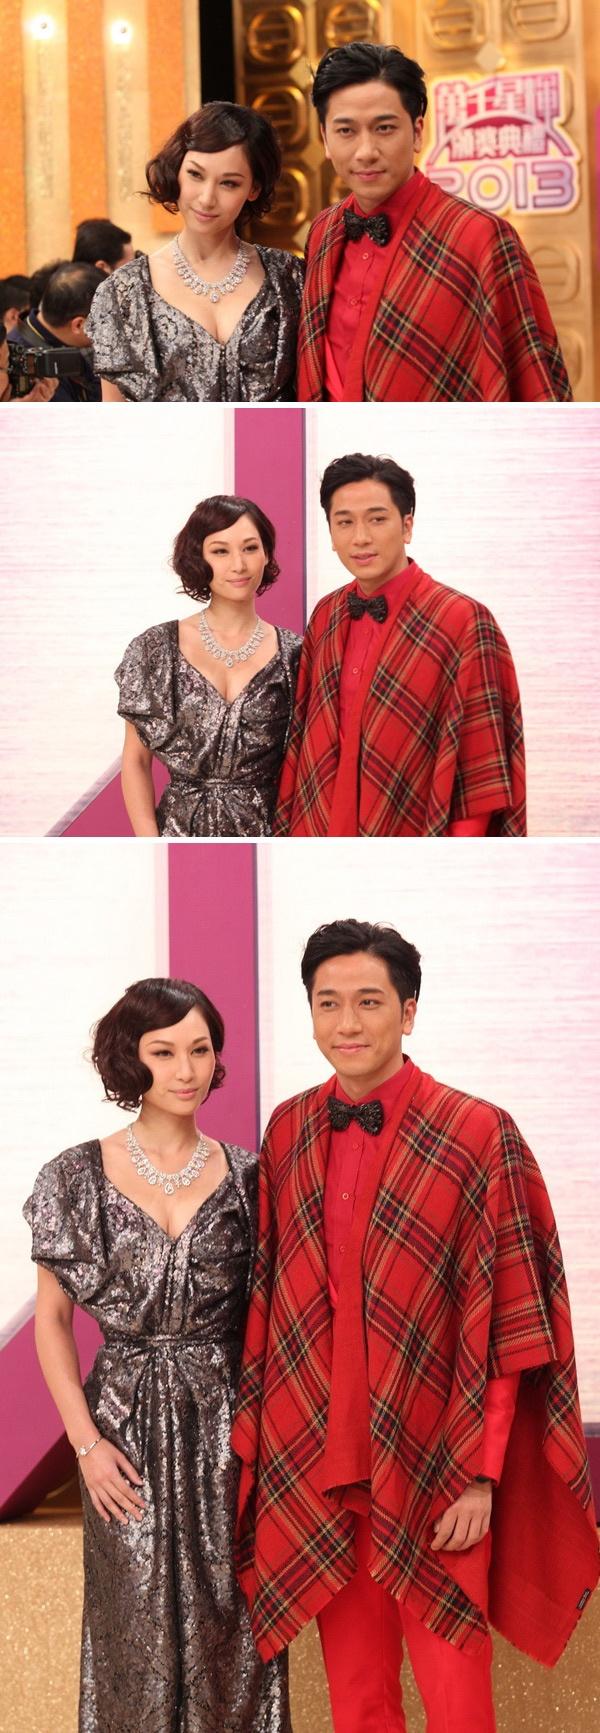 Sao nu TVB dua nhau dien dam xuyen thau tren tham do hinh anh 1